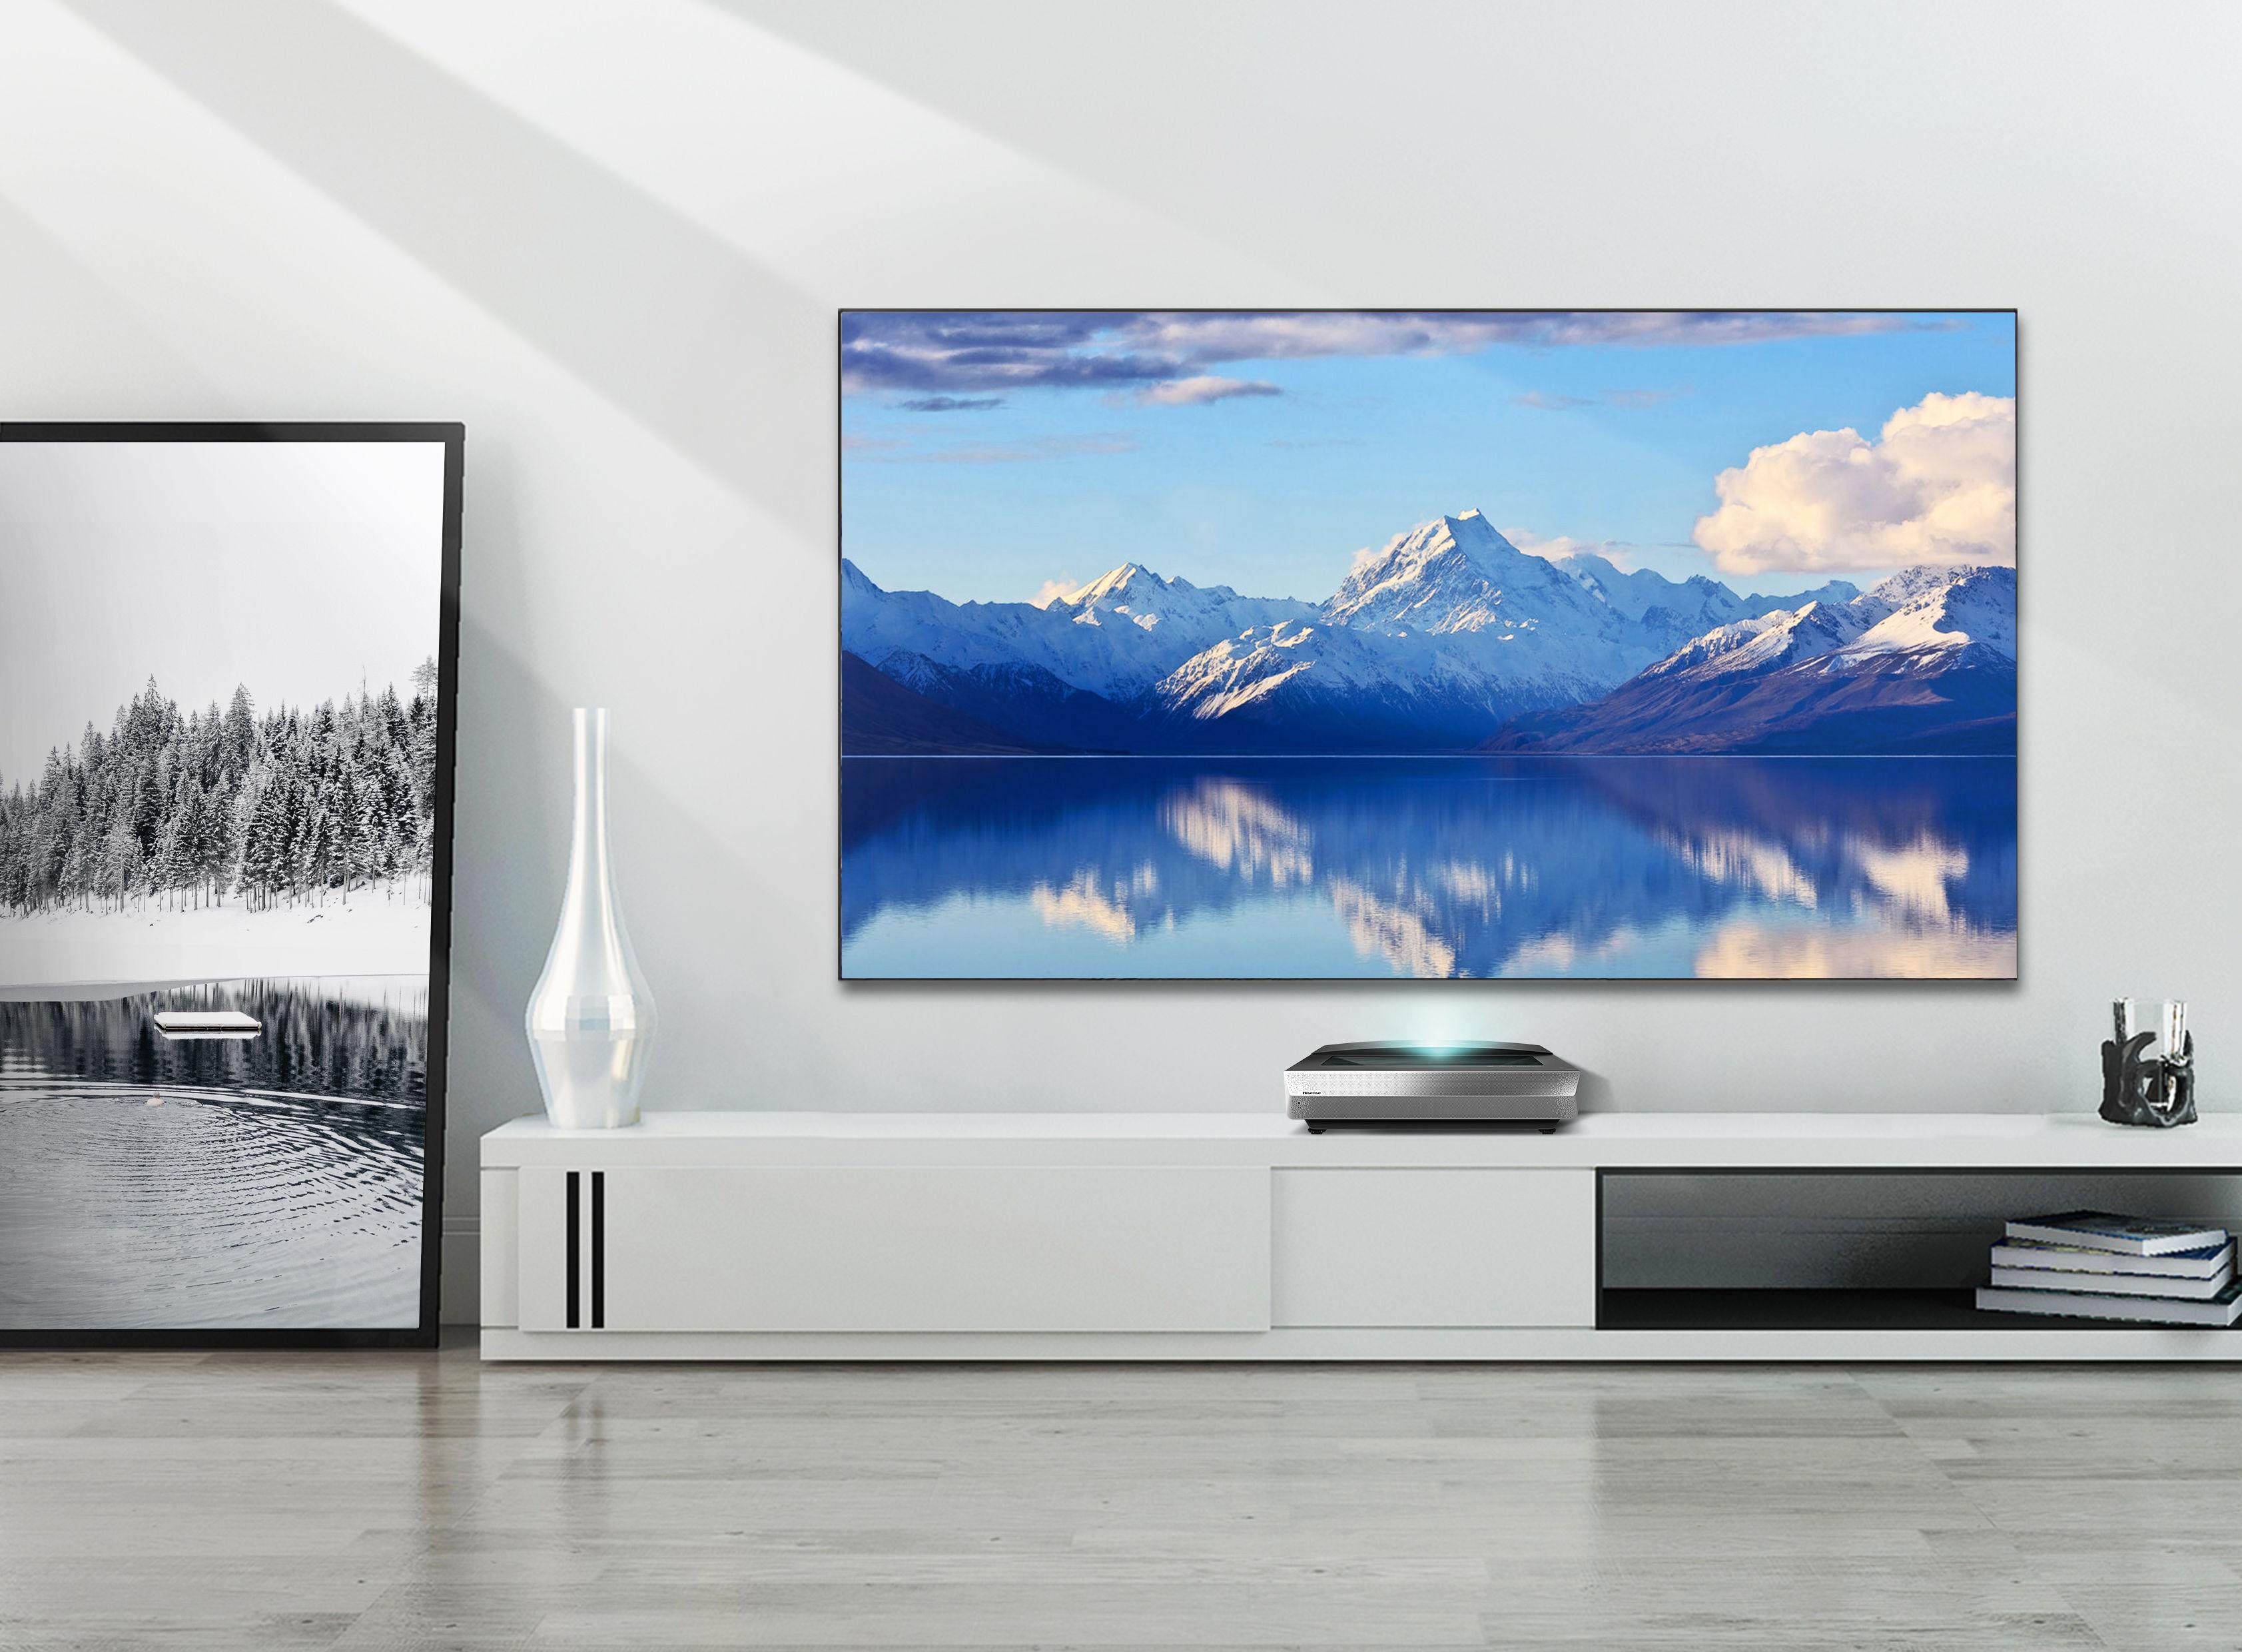 极客之选年度评选 | 年度大屏电视产品:海信激光电视 75L9S